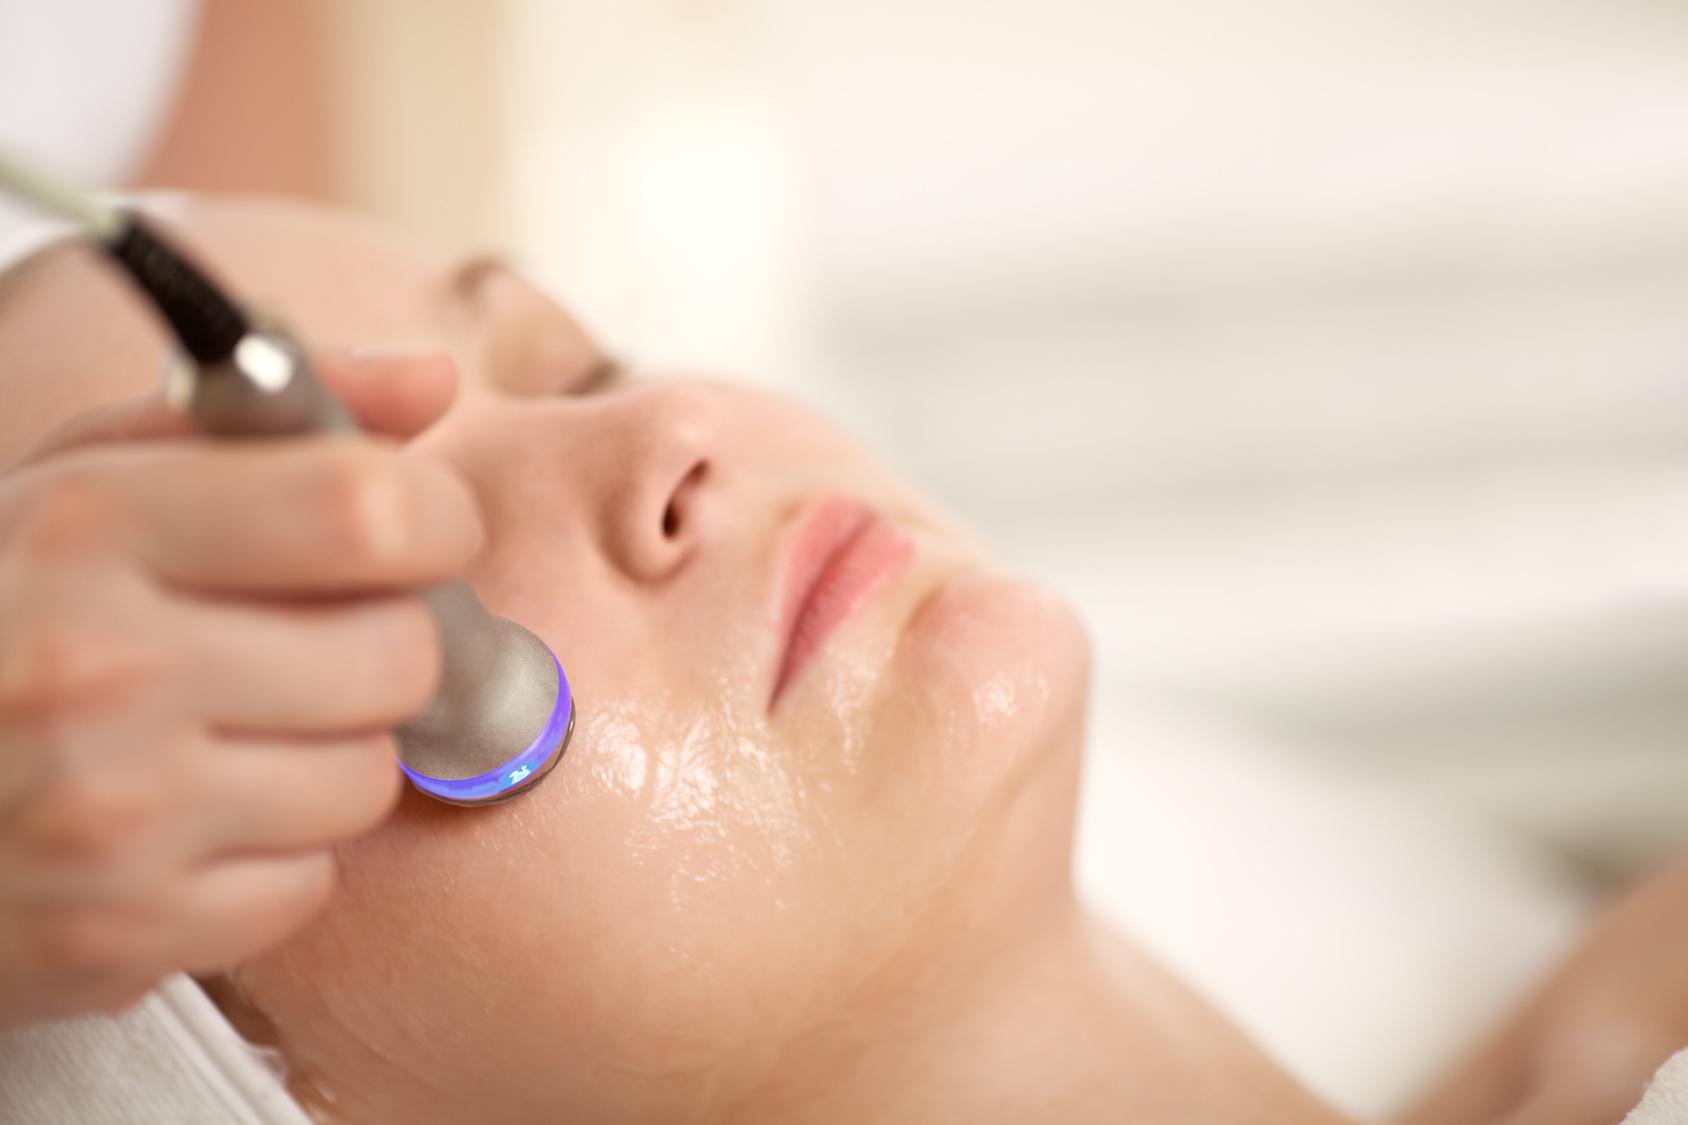 Kuracja odmładzająca falami radiowymi w kosmetologii